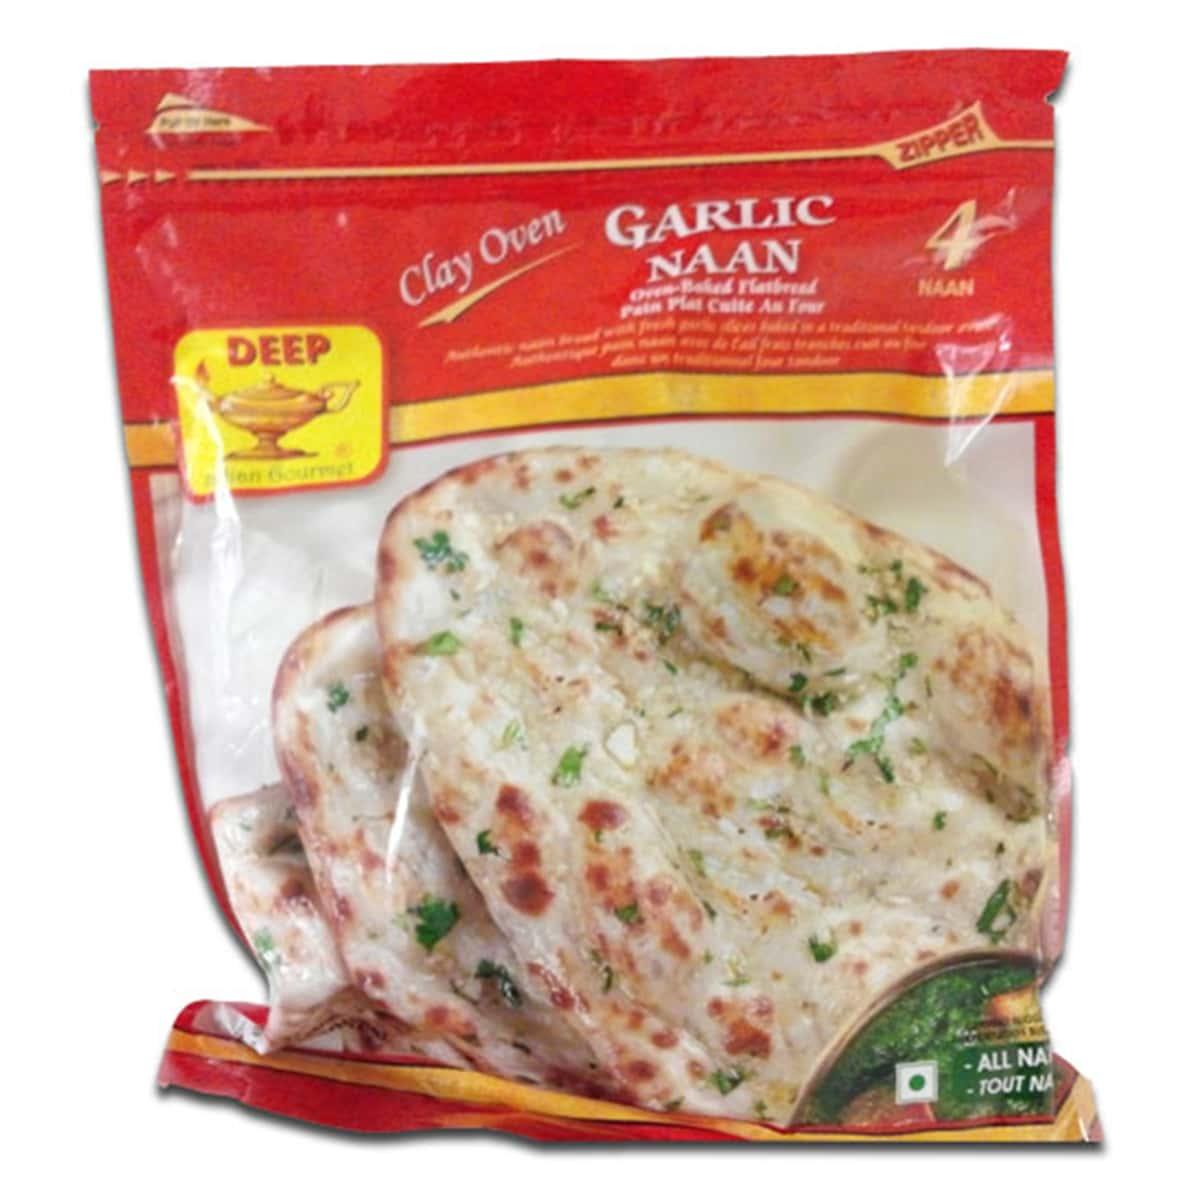 Buy Deep Foods Garlic Naan 4 Pcs (Frozen) - 340 gm